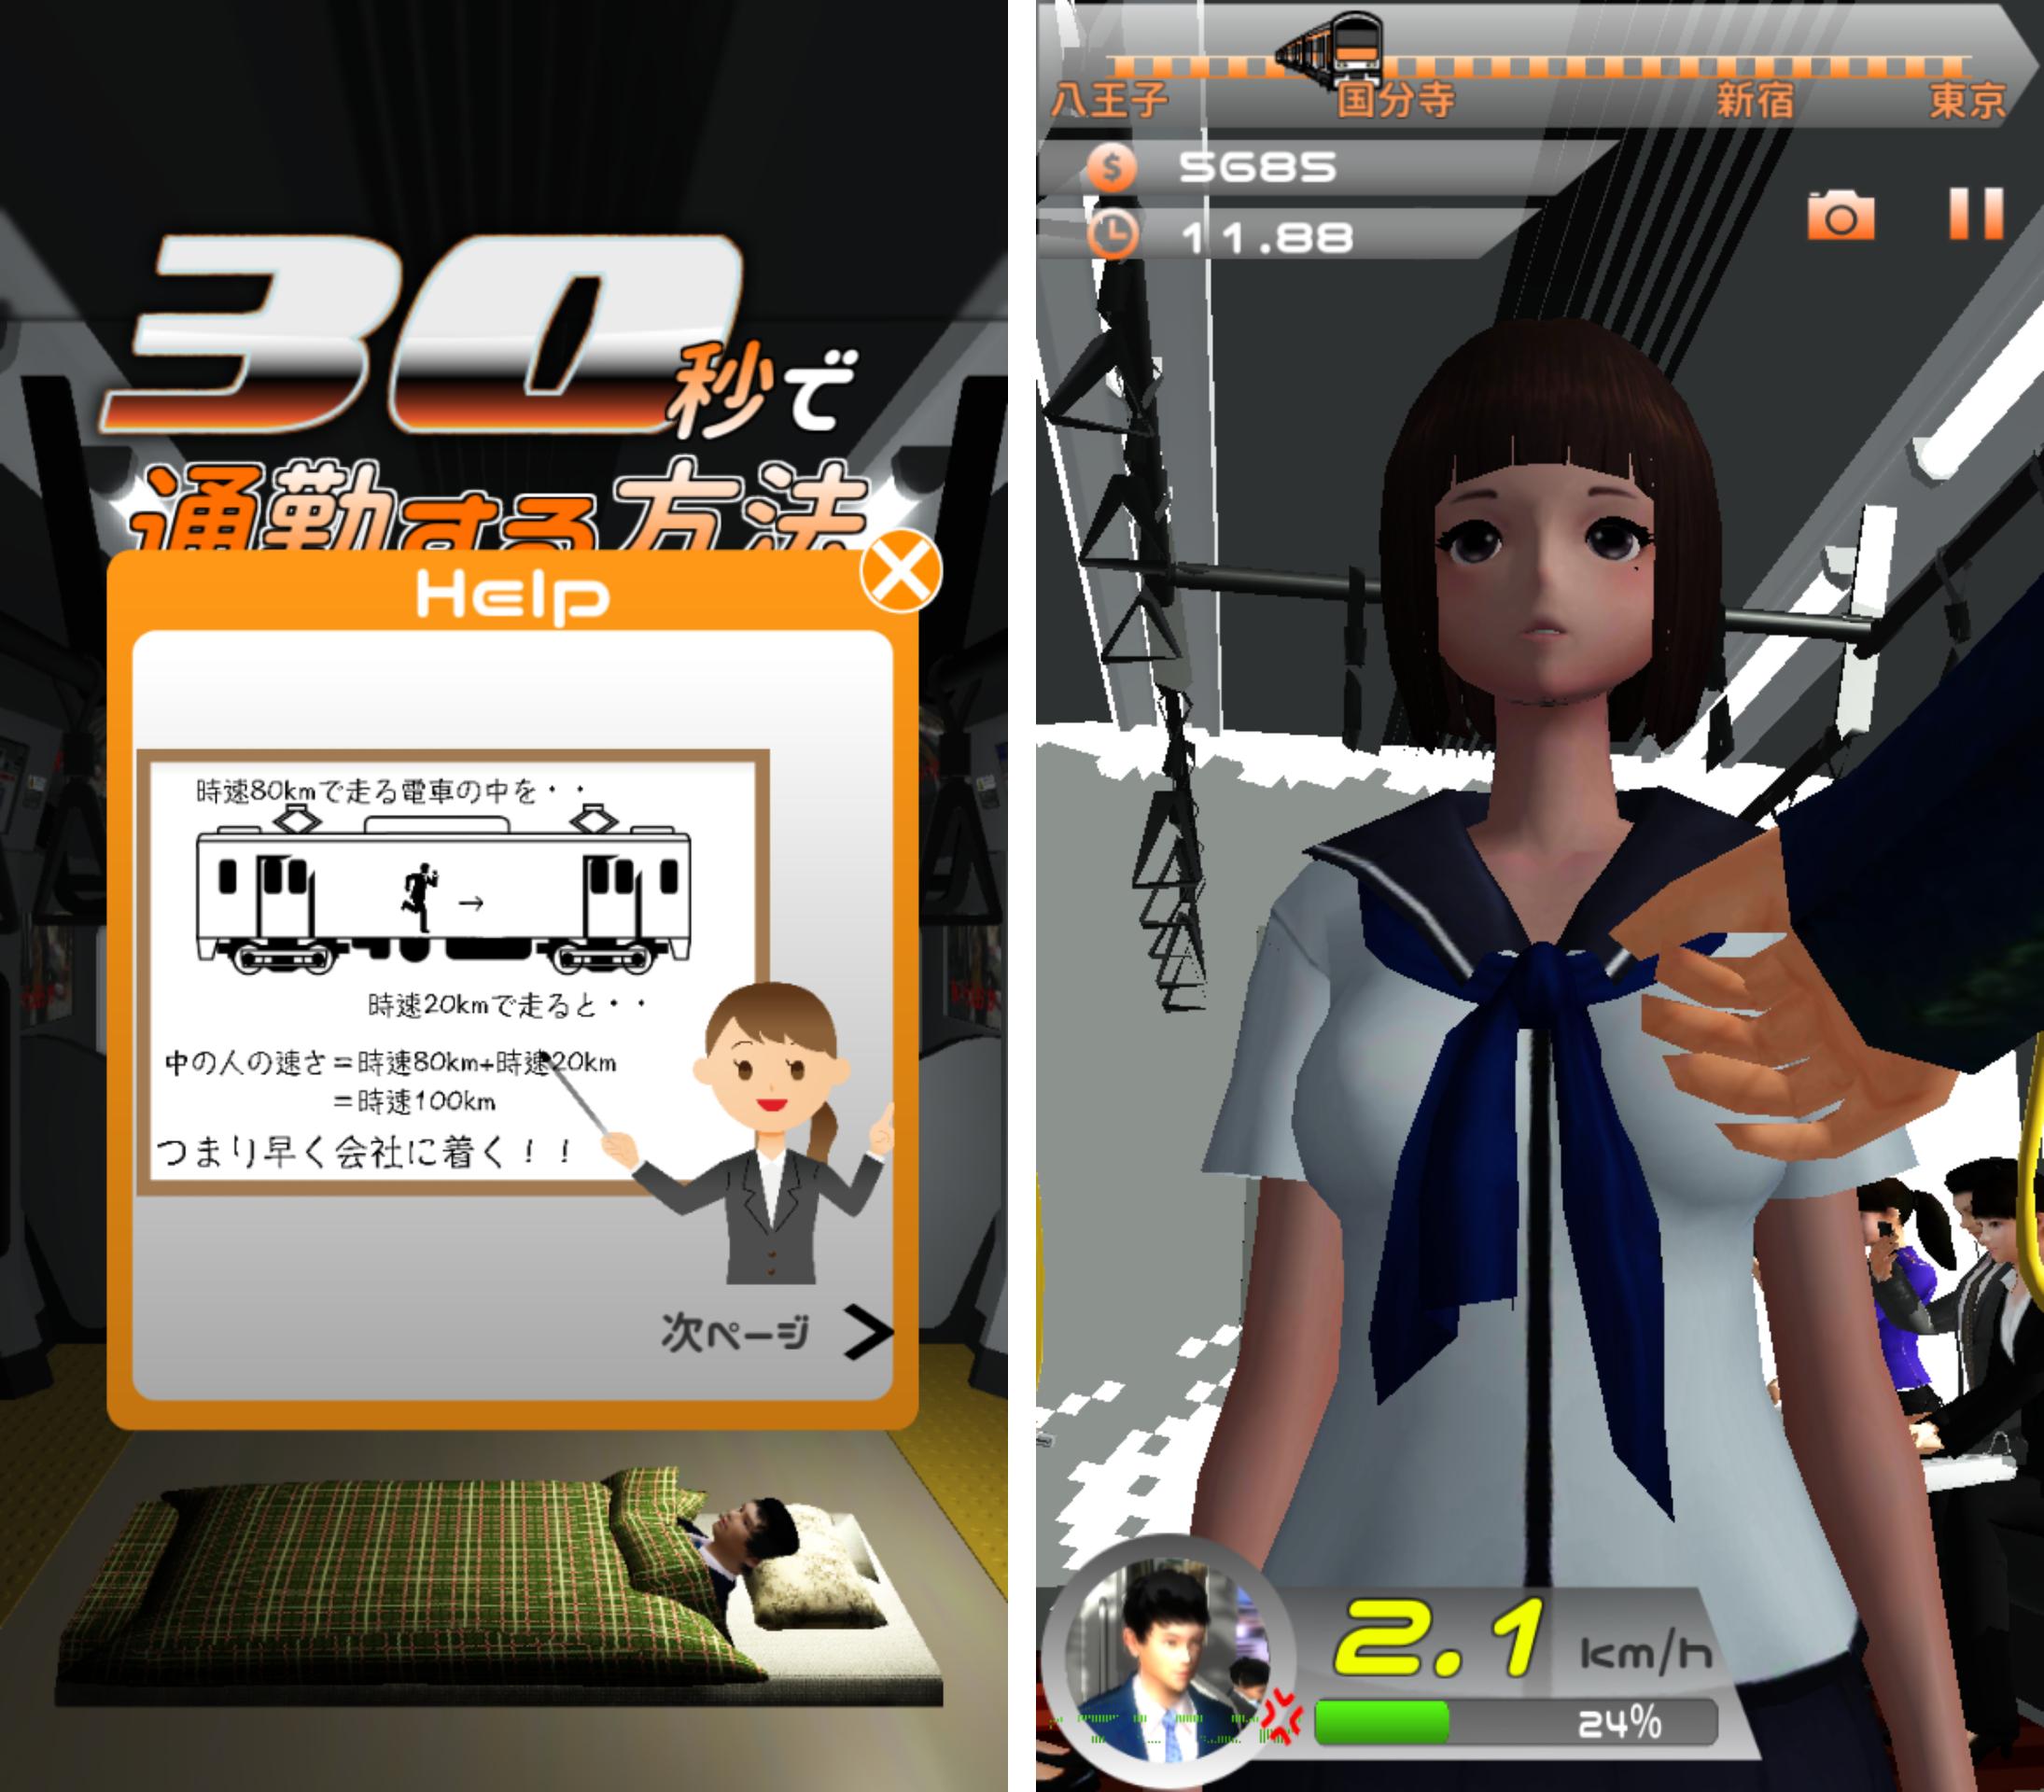 30秒で通勤する方法〜八王子から東京駅まで〜 androidアプリスクリーンショット2